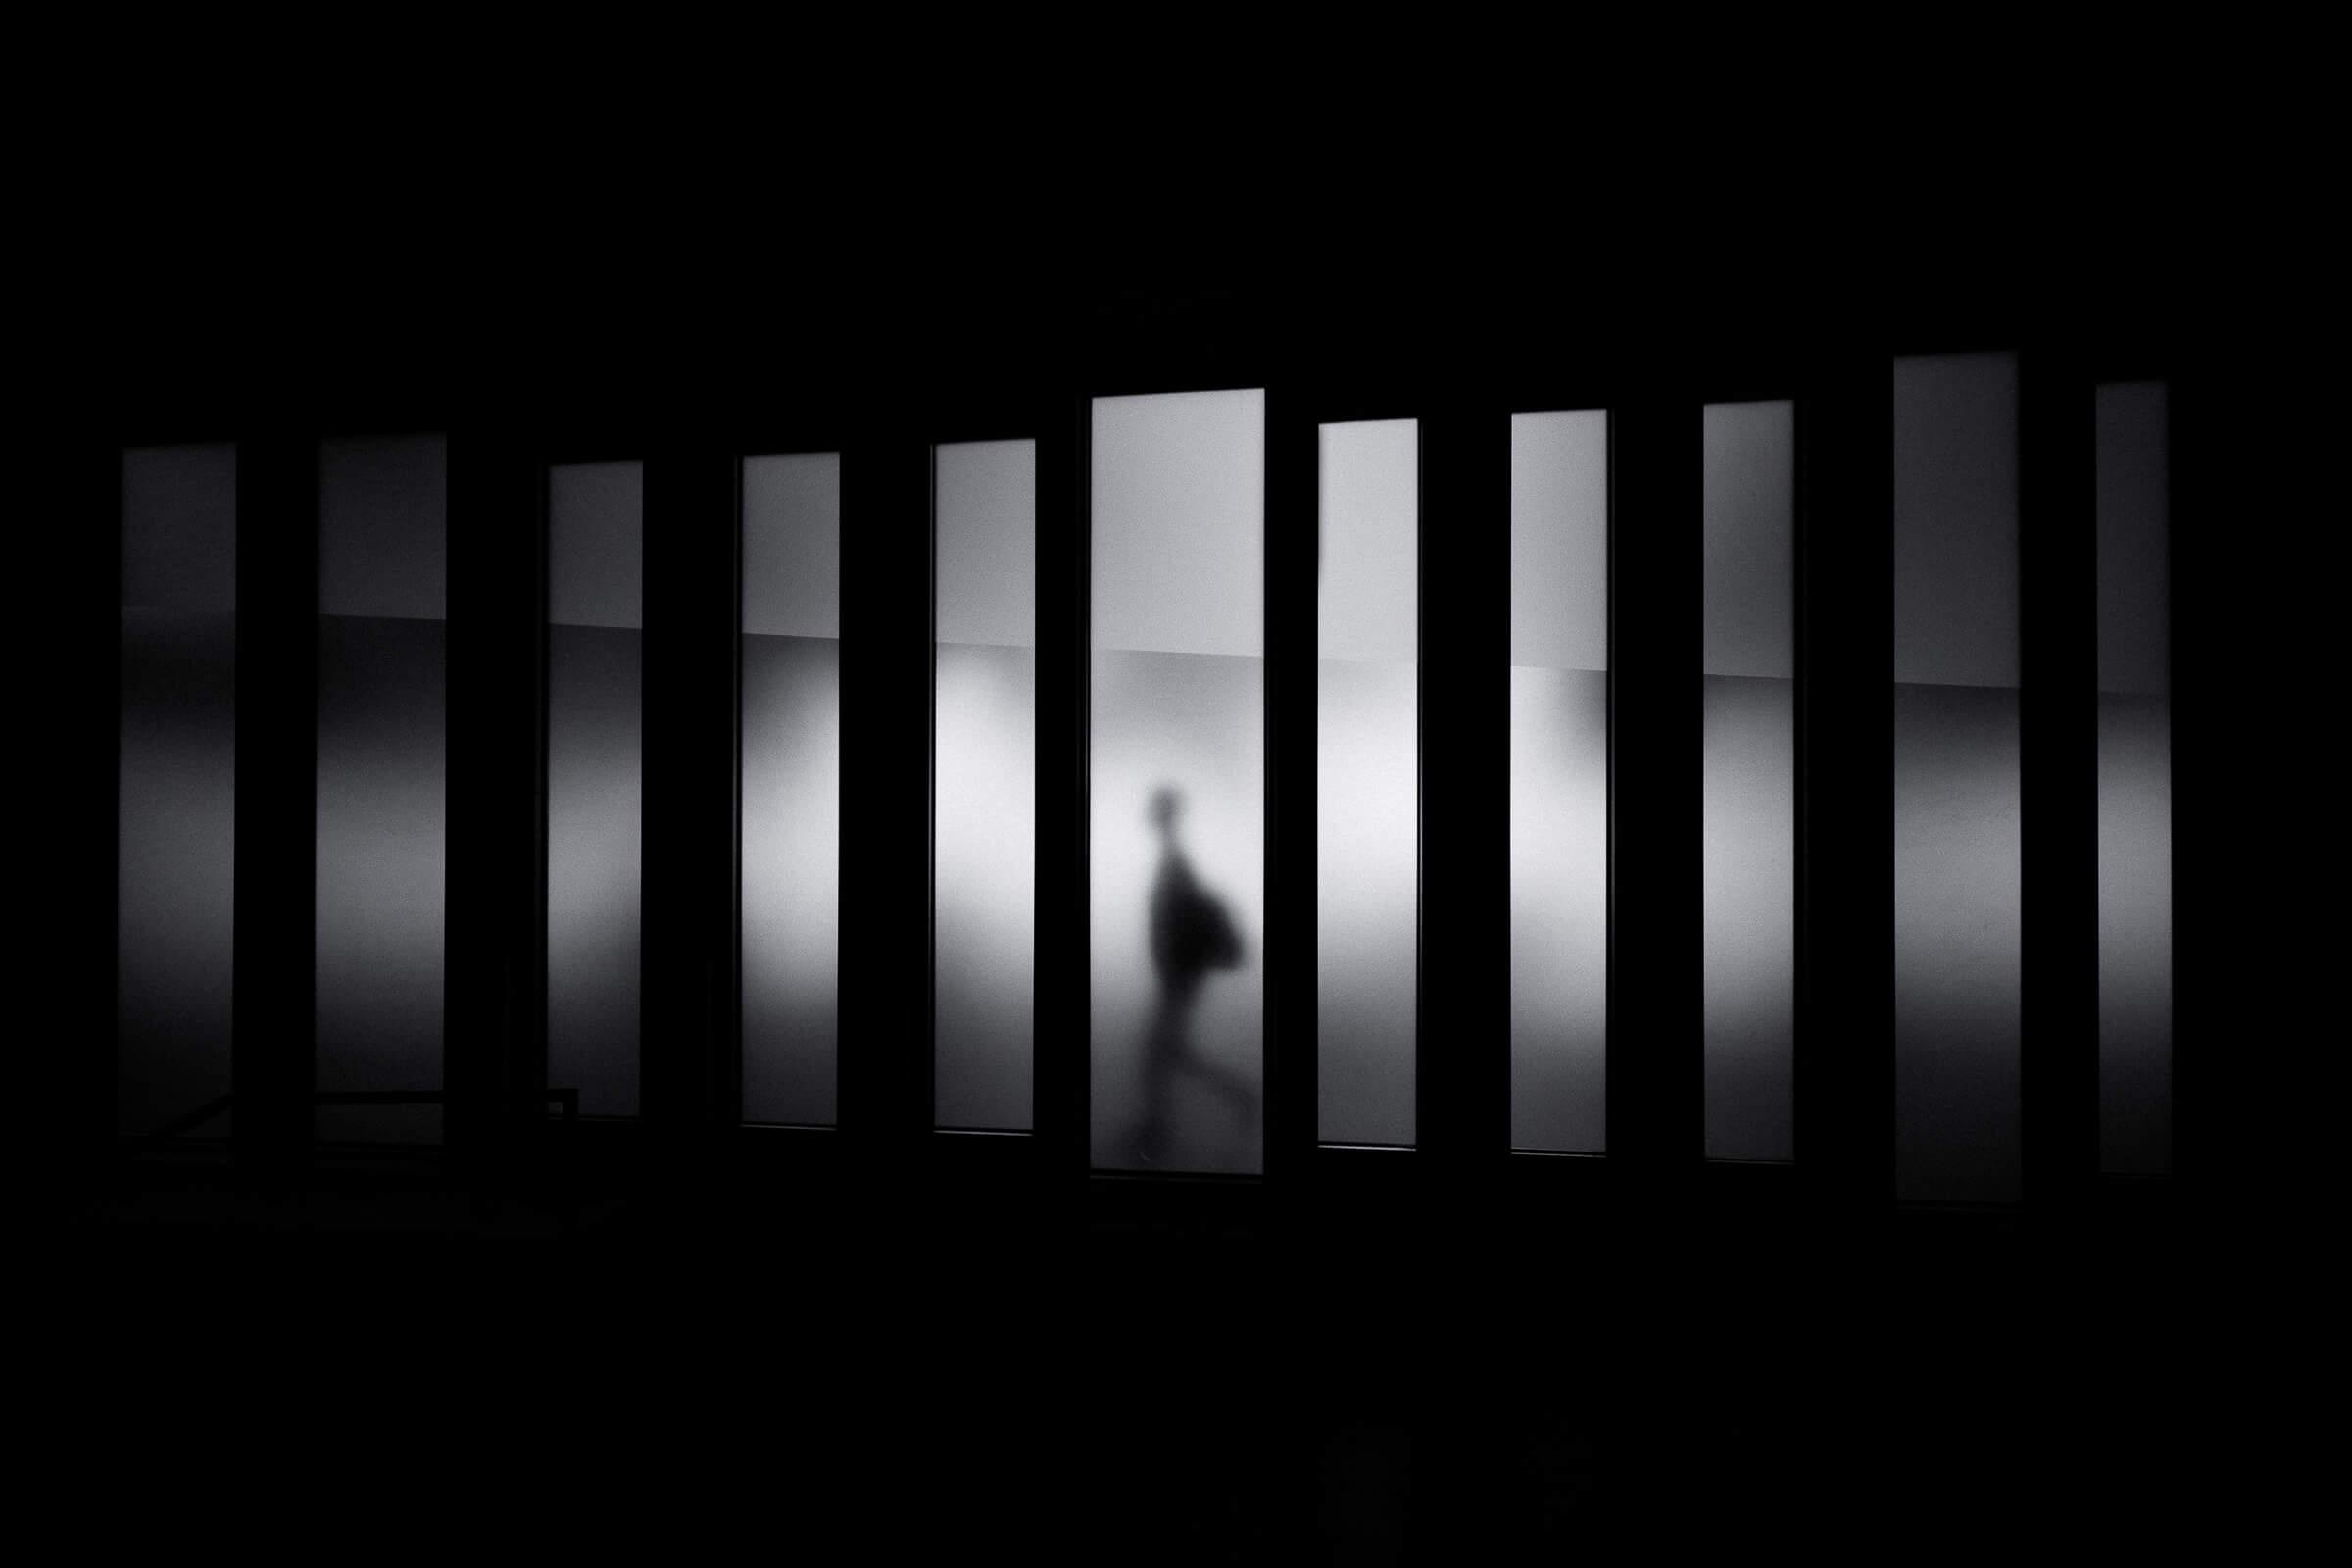 影子-BlueDotCC, 蓝点文化创意